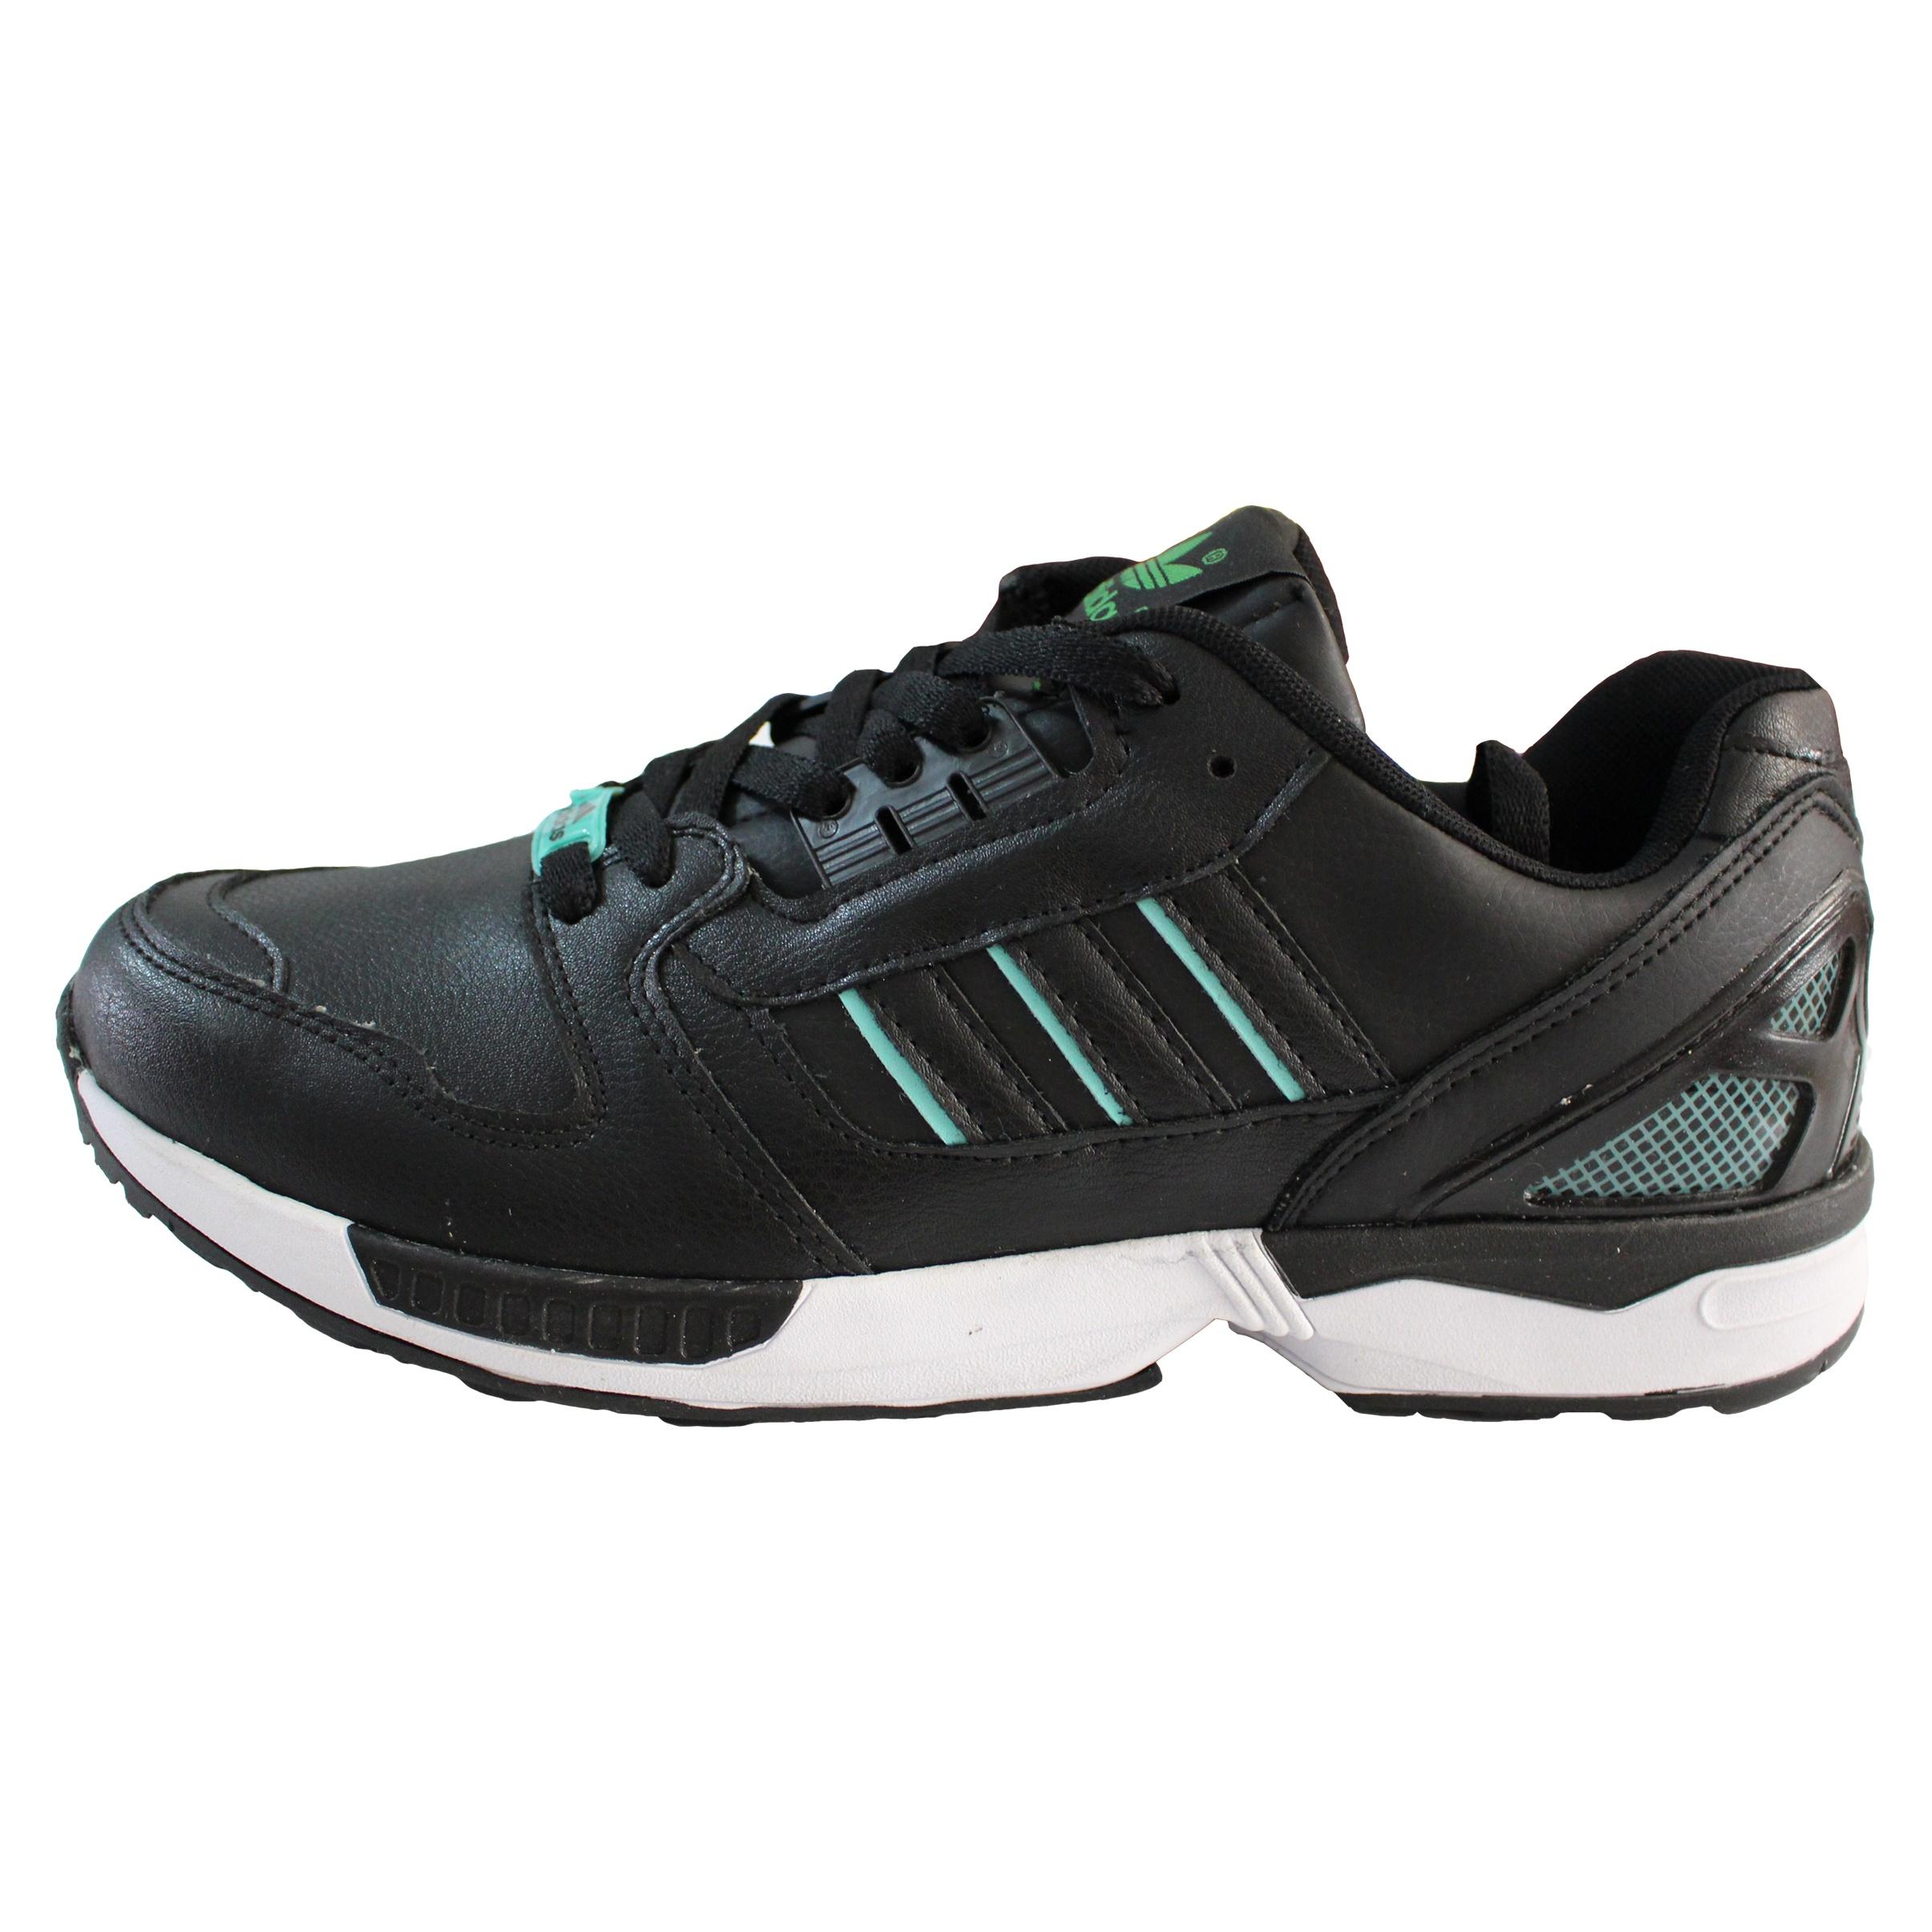 کفش راحتی مردانه مدل زد ایکس کد 601